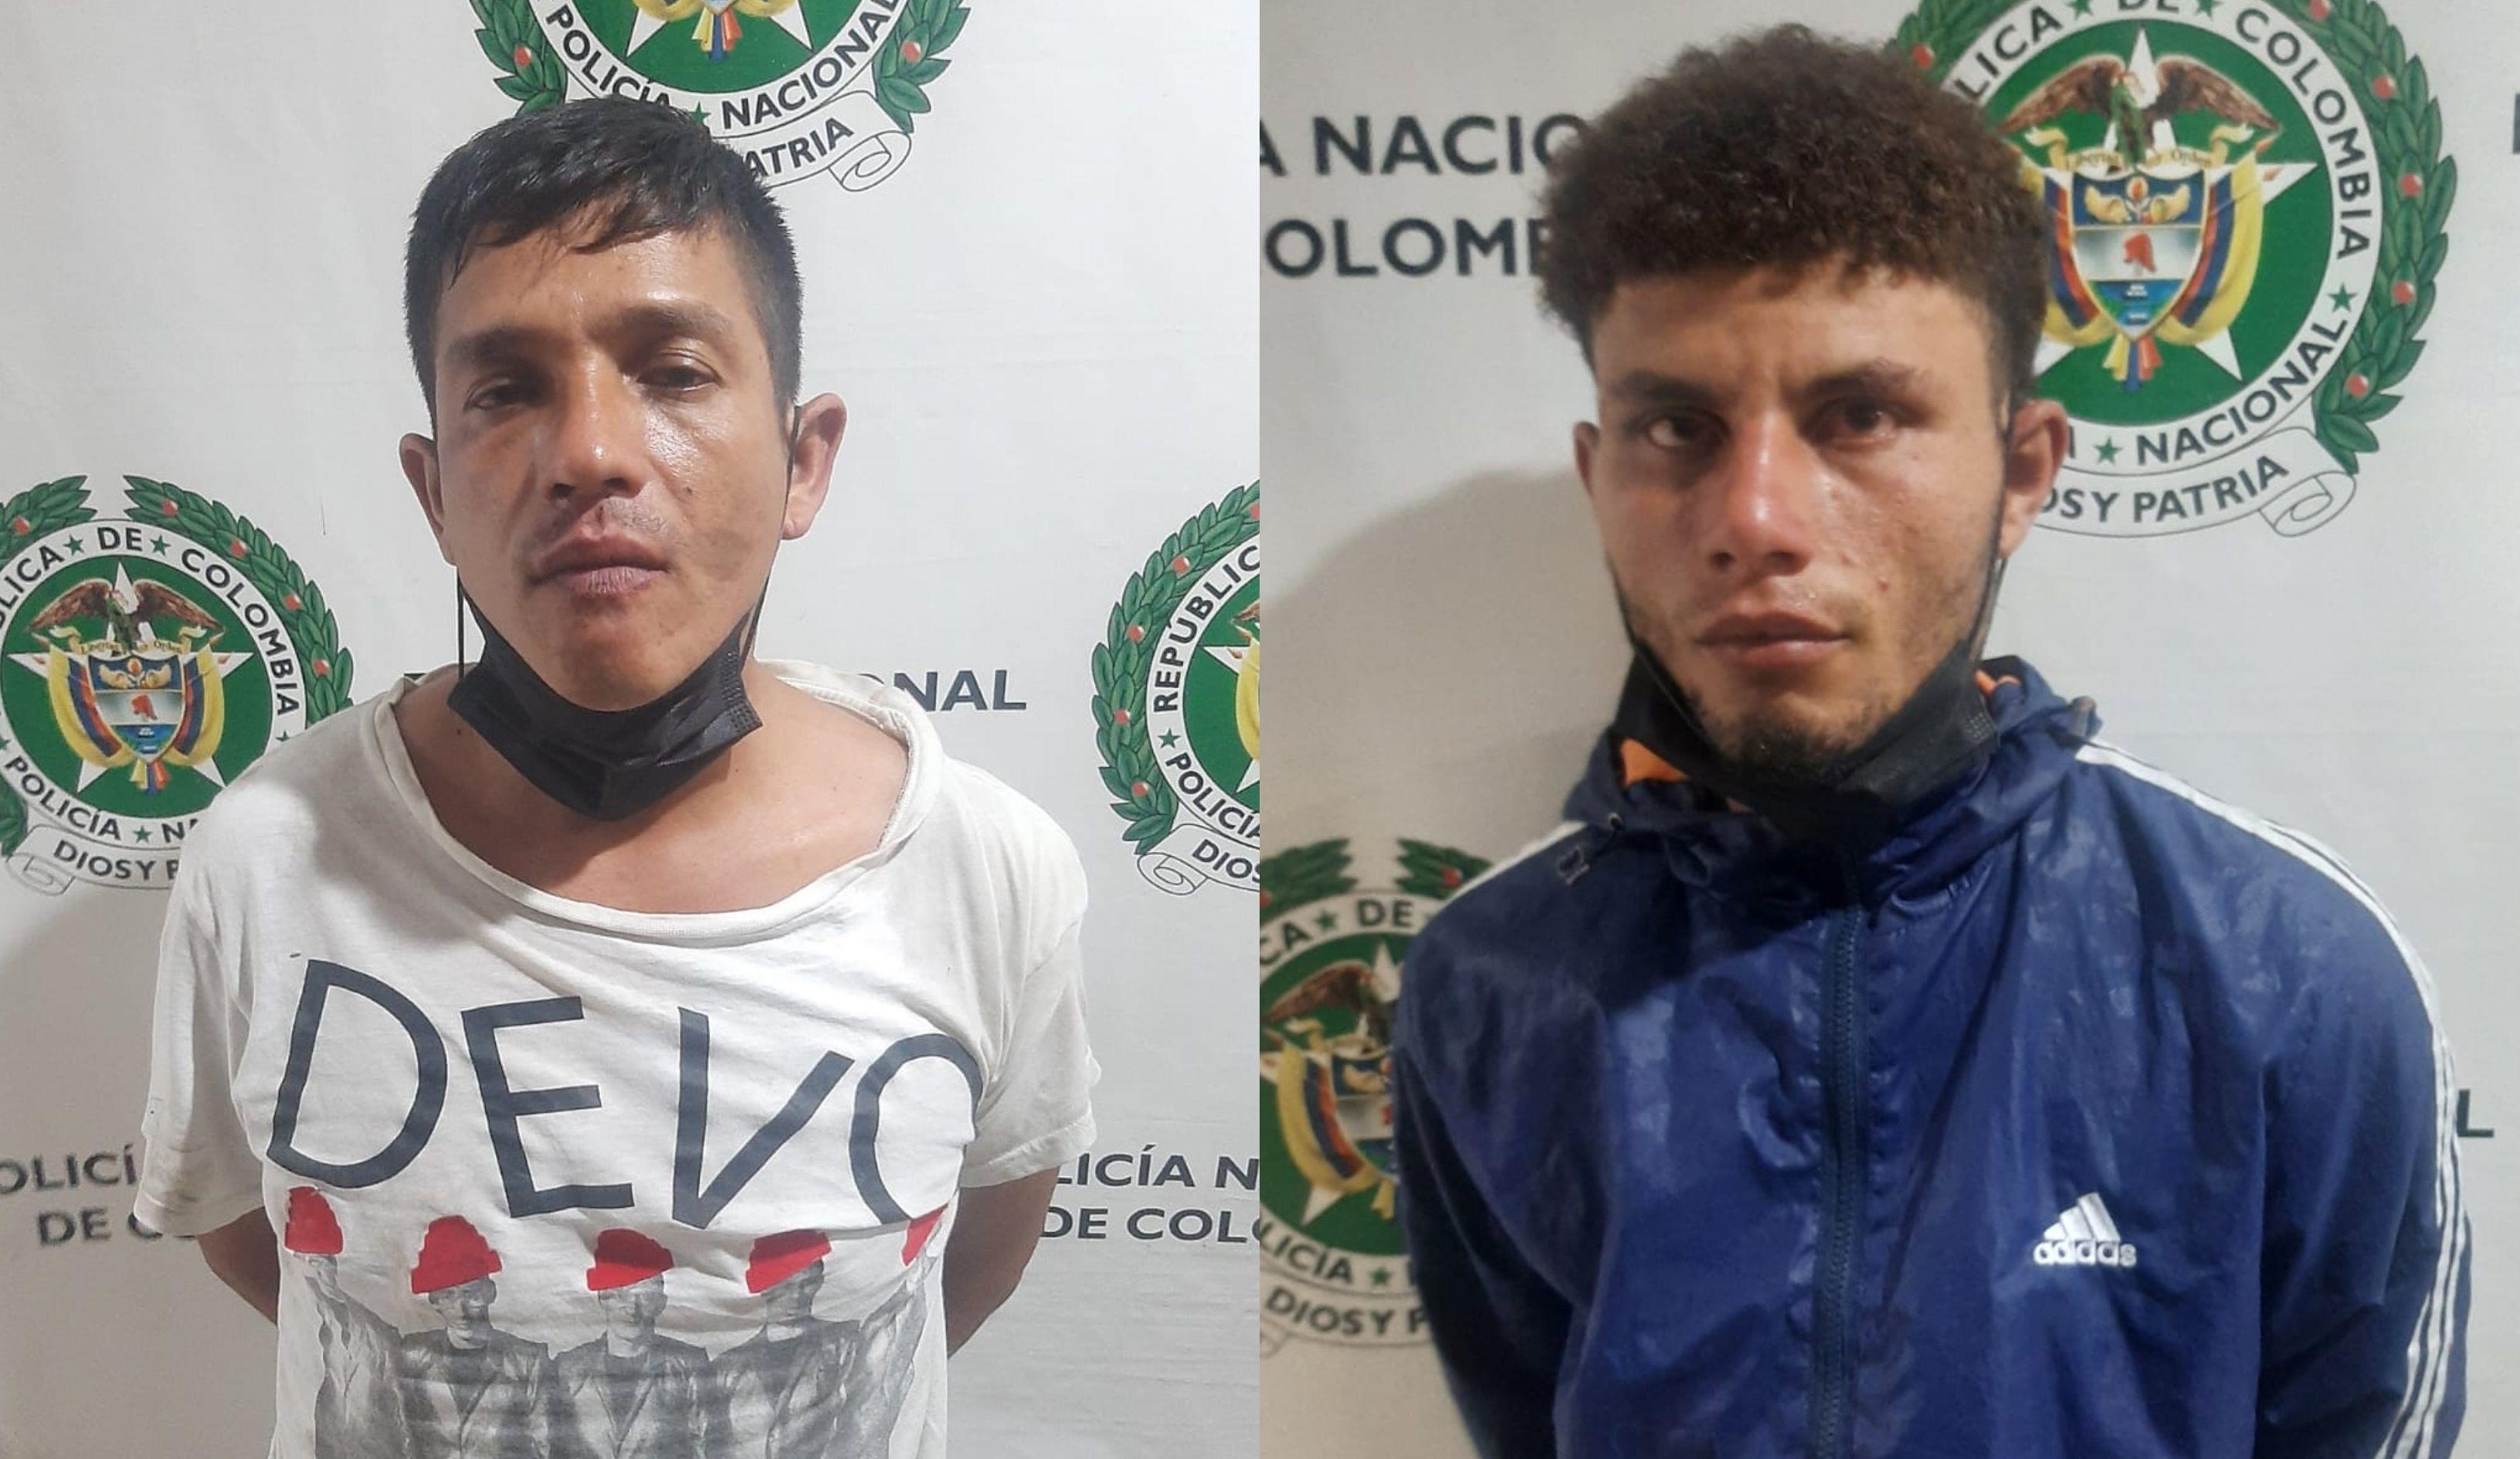 Hurtaron un bolso con más de tres millones de pesos en el barrio Altico